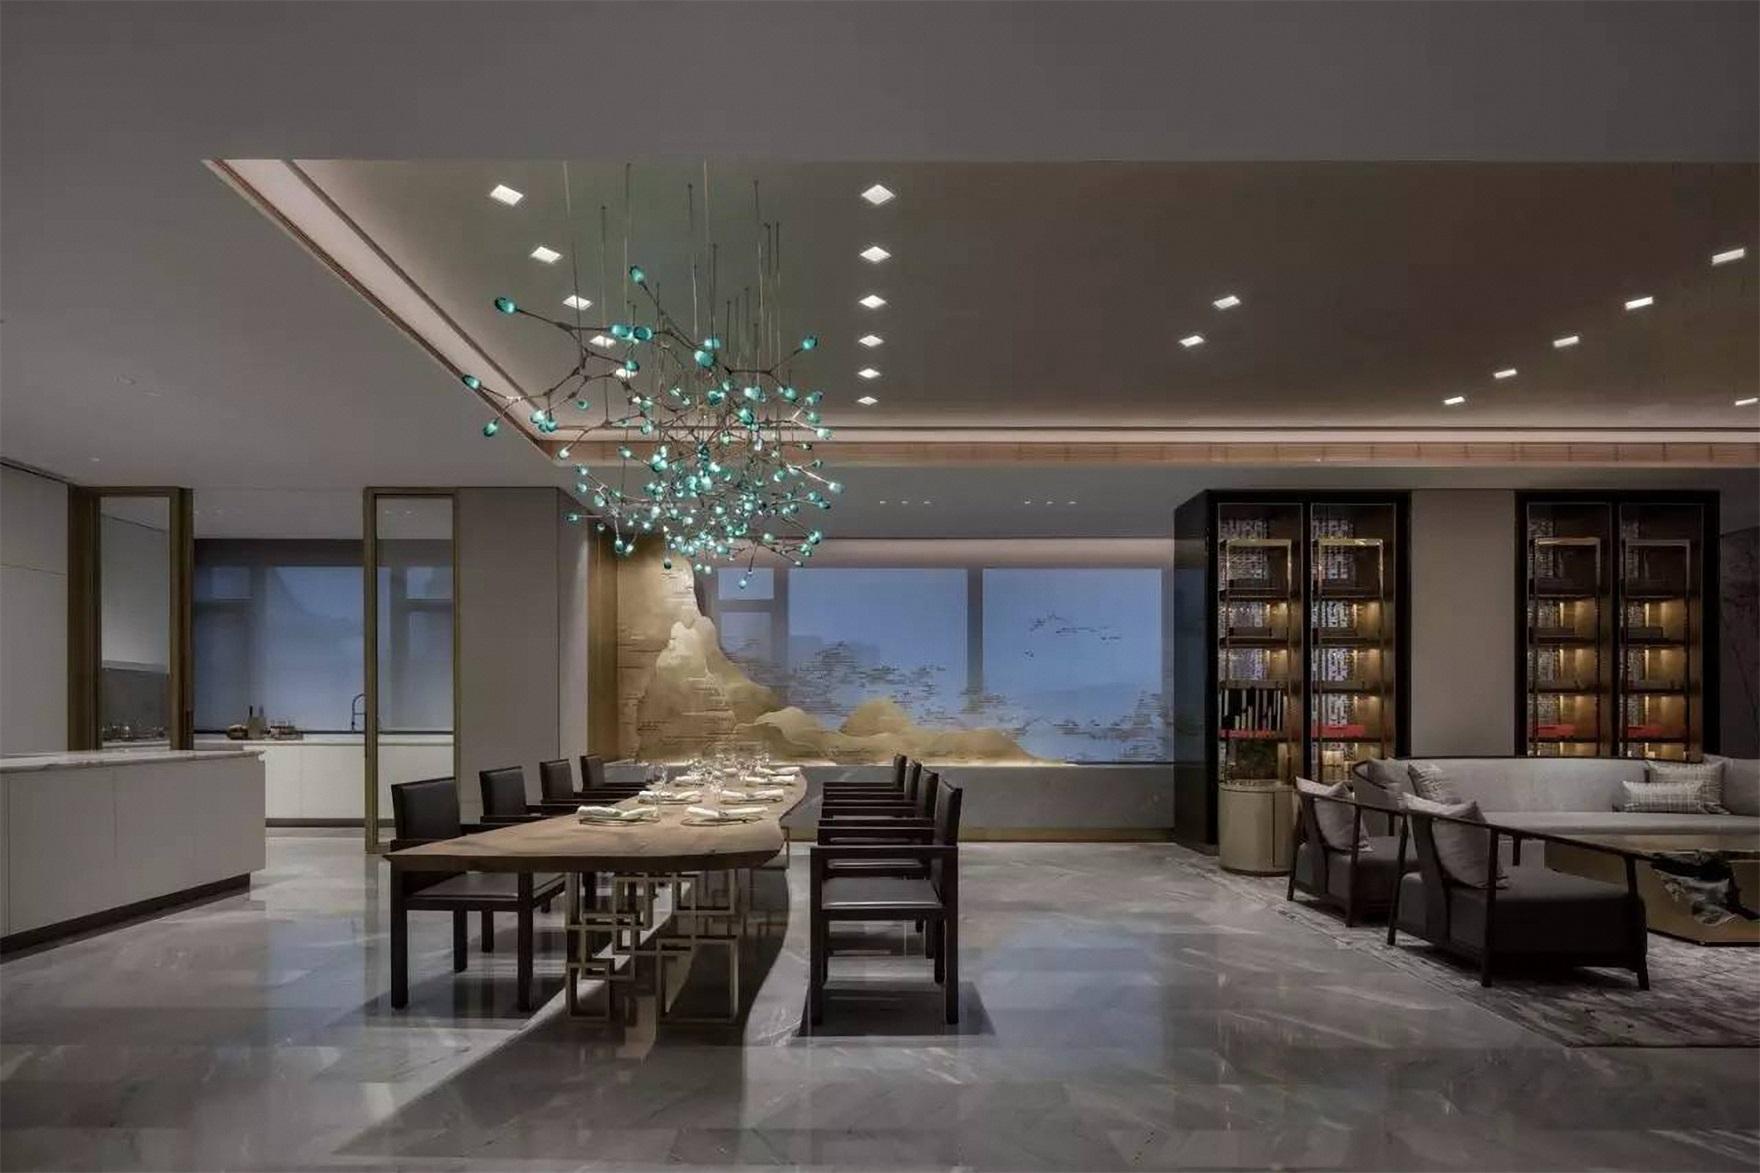 餐厅与客厅相连,中式元素遍布空间各个角落,每一处都在散发优雅。